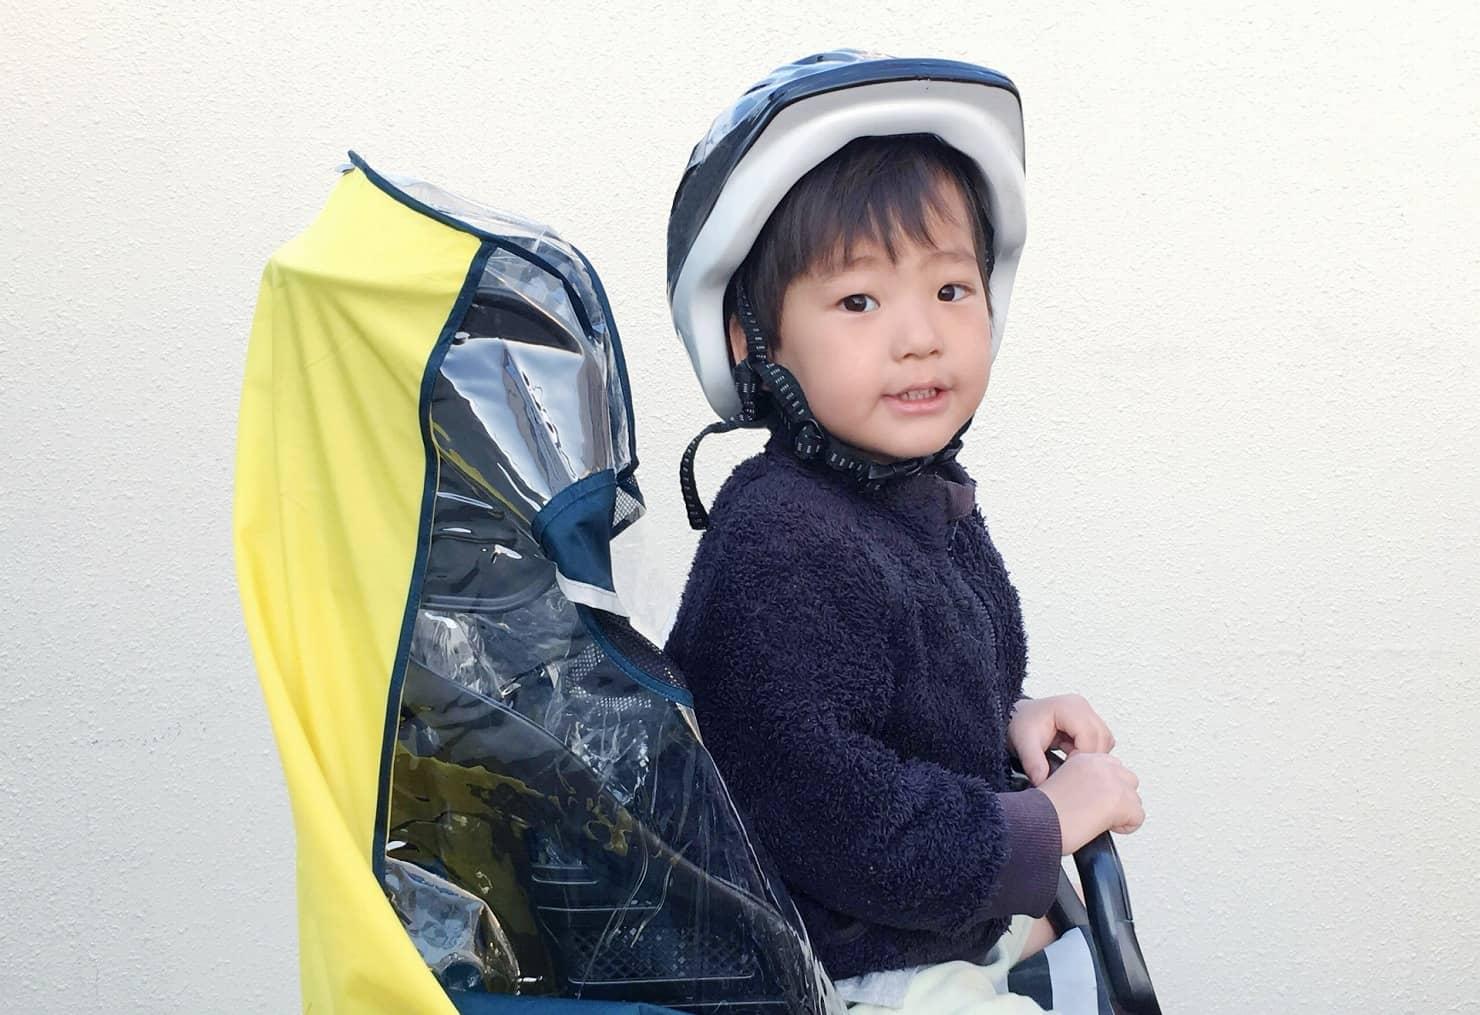 子供用の自転車向けヘルメット着用は何歳までが義務? 違反したら? 人気のヘルメットやおすすめのヘルメットを紹介